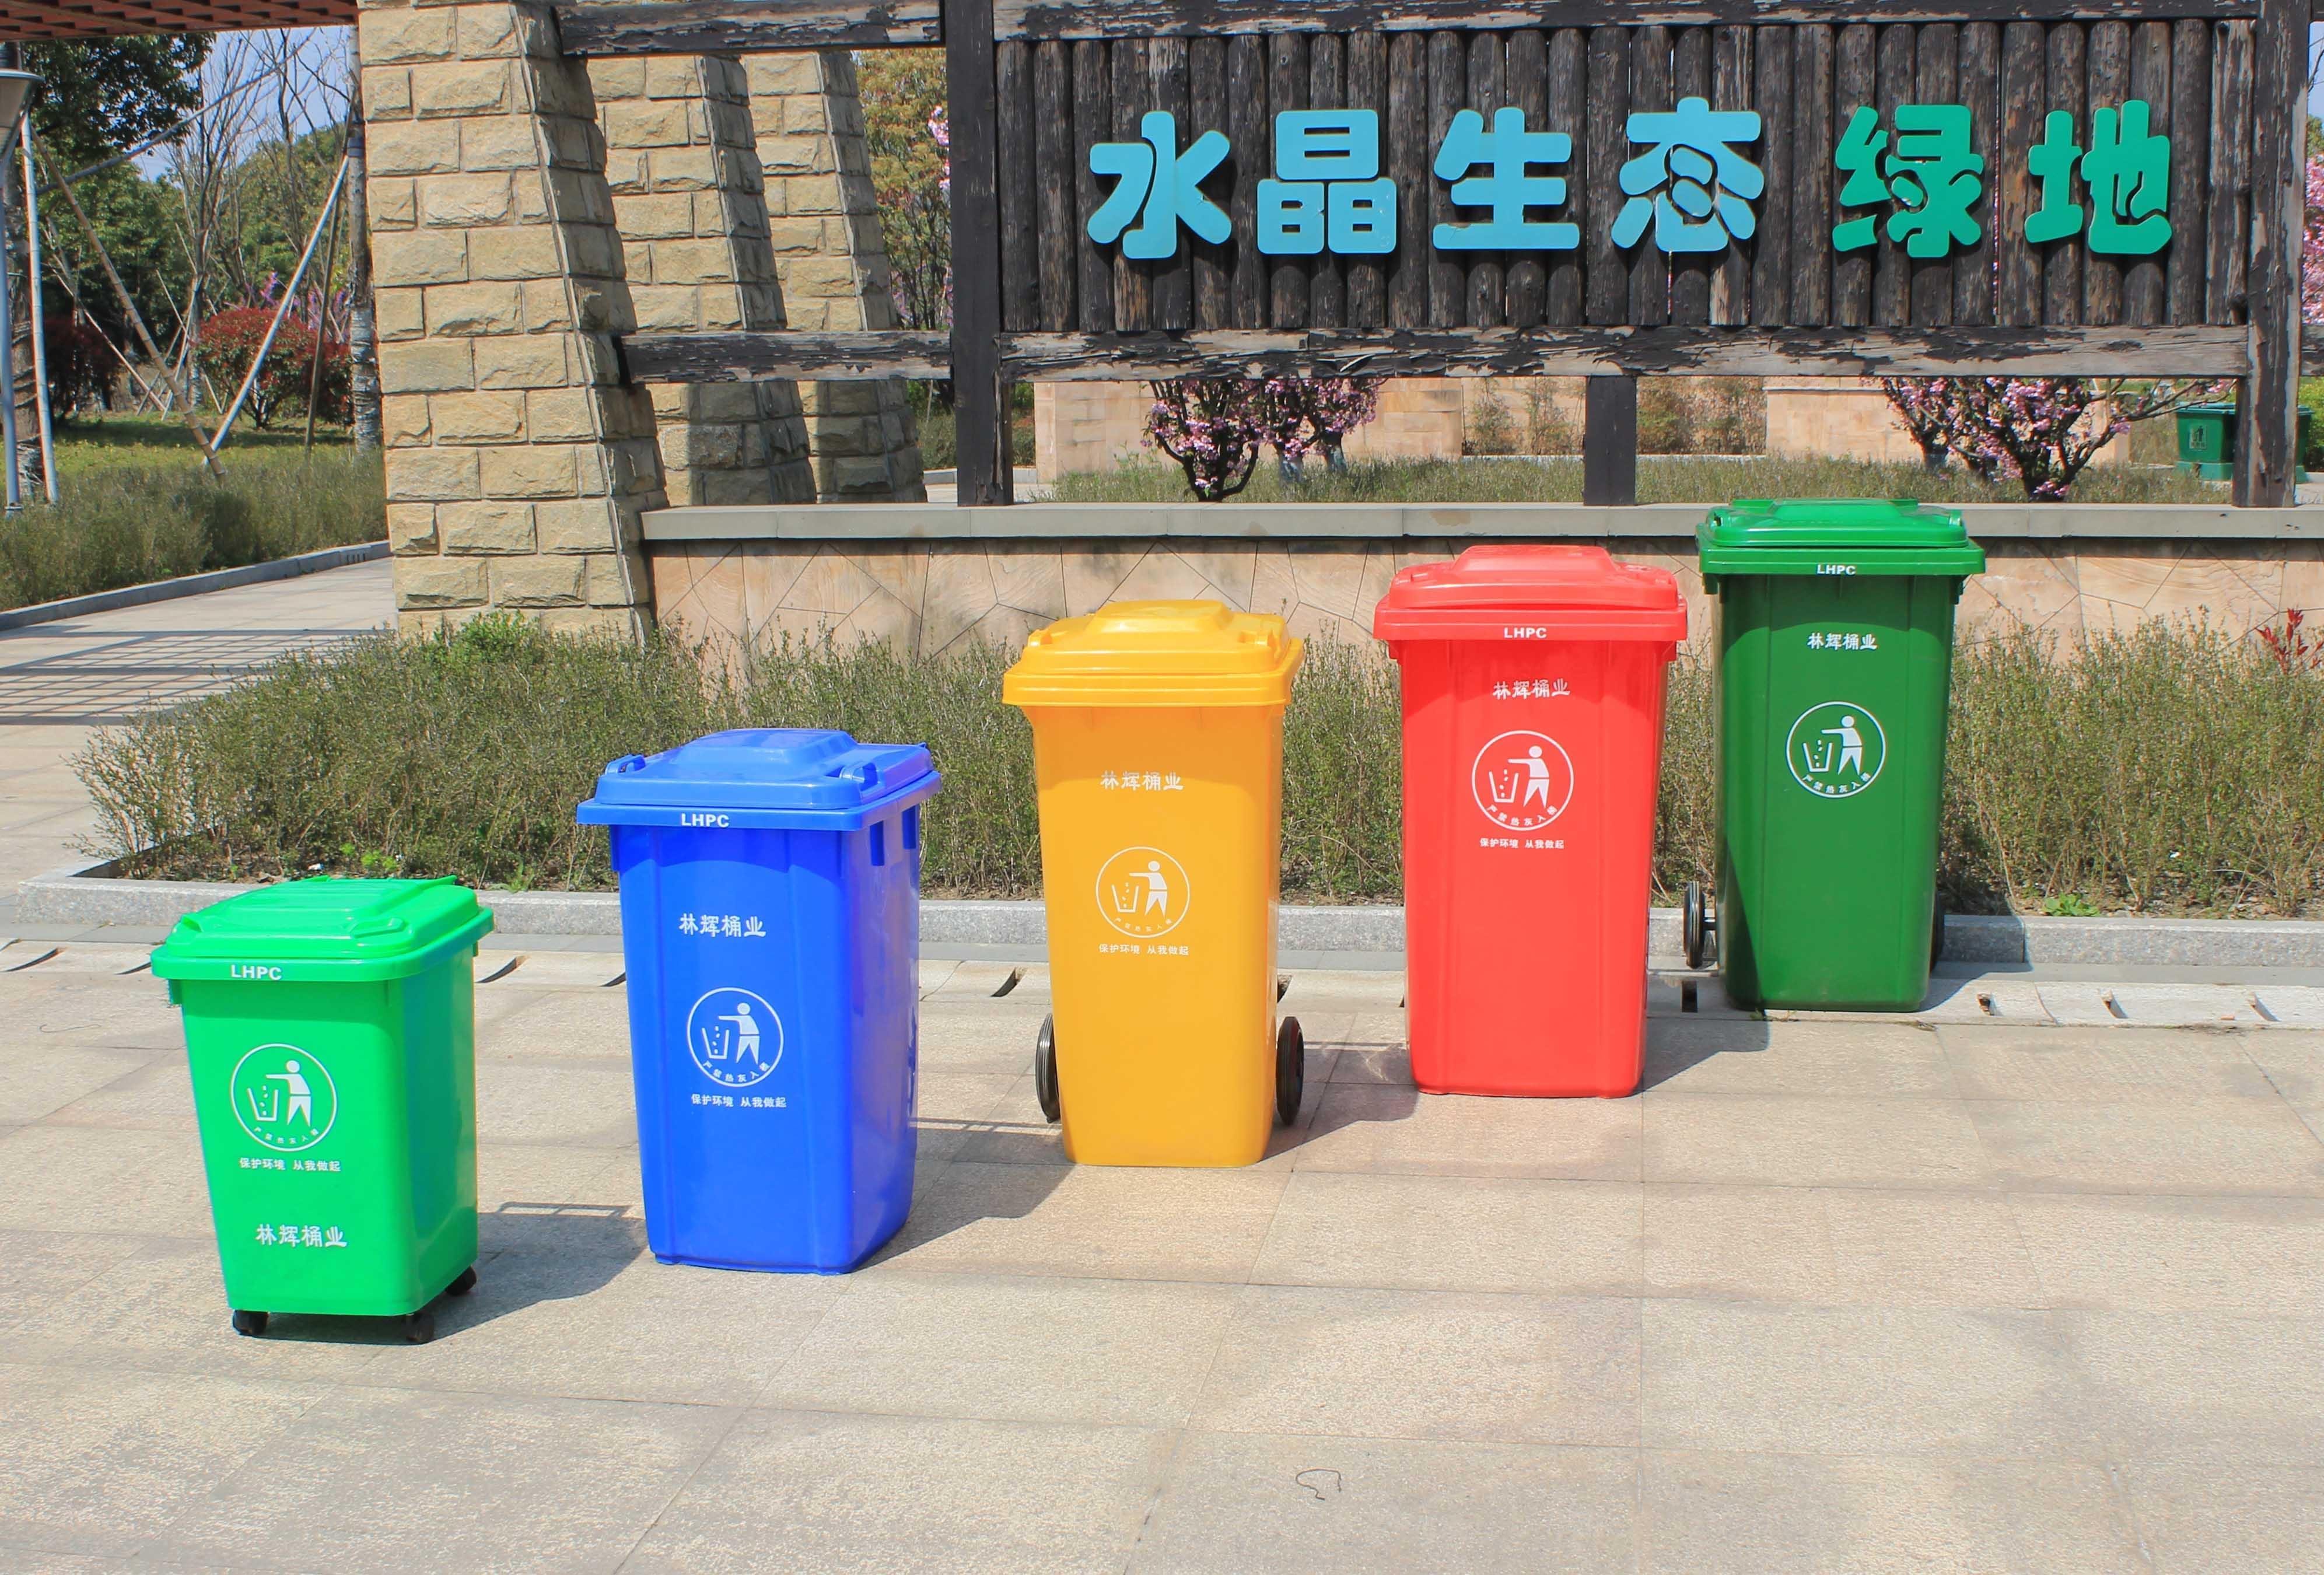 怎么放环卫垃圾桶才没有异味?